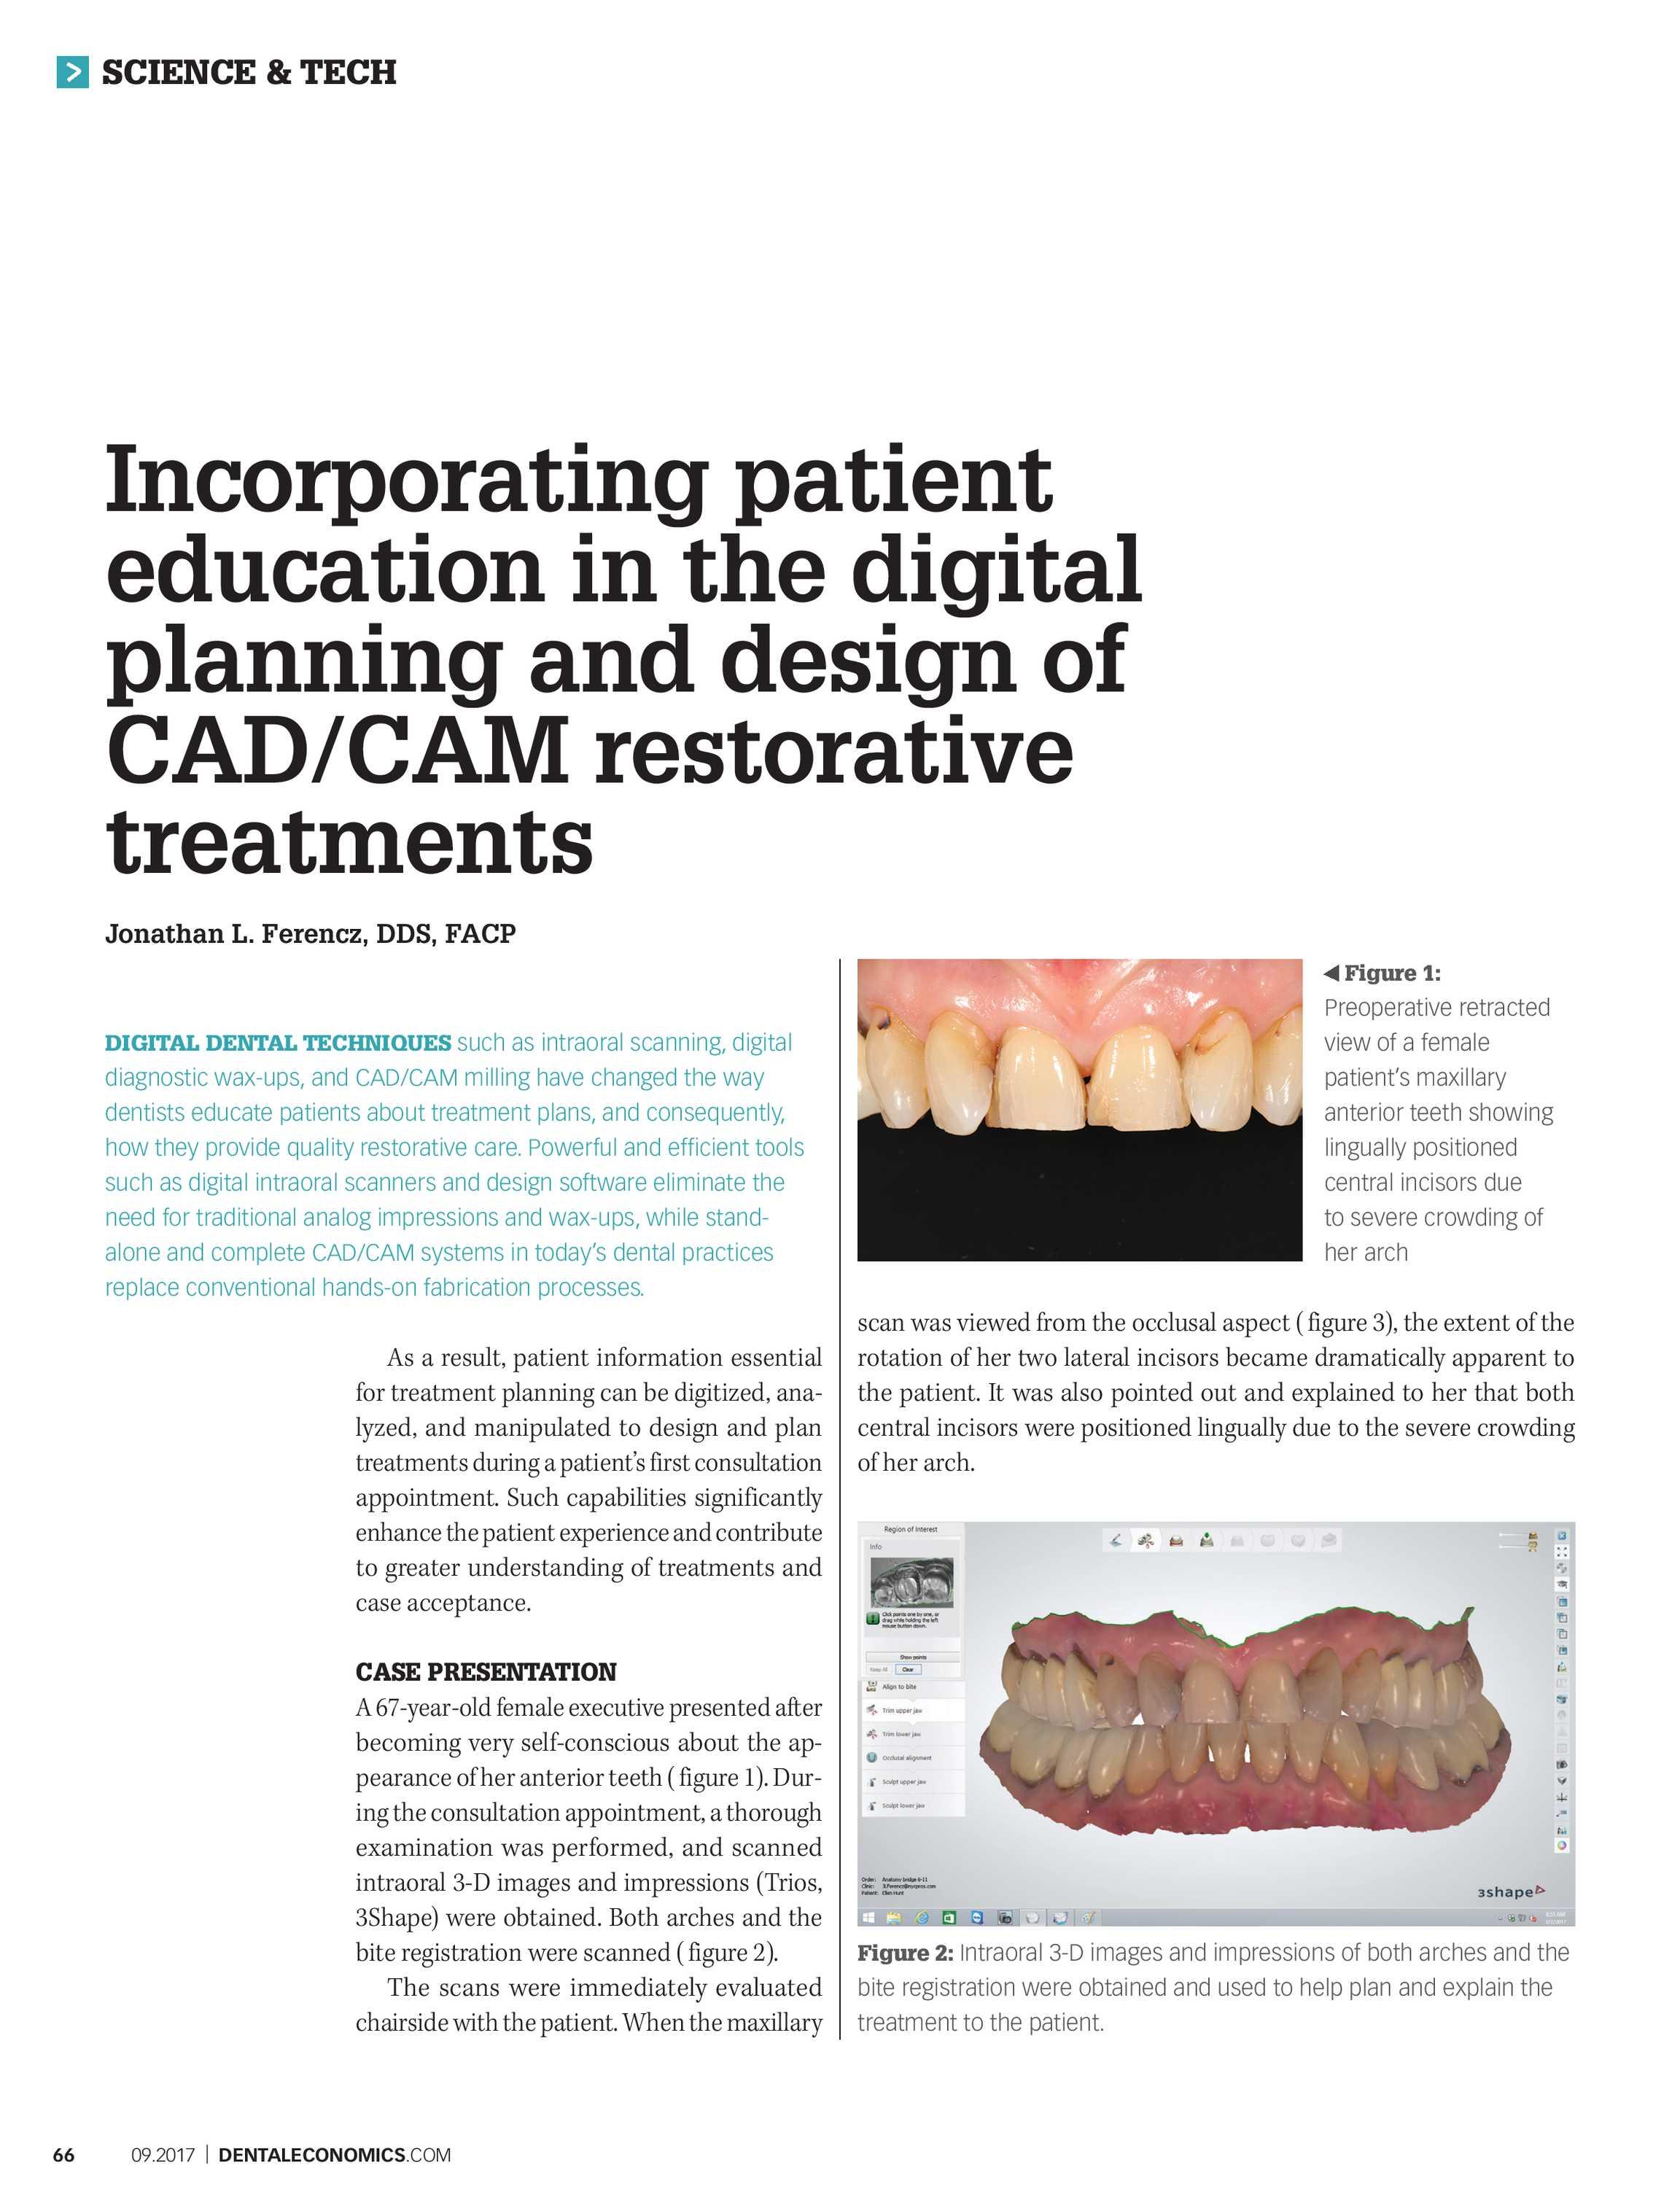 Dental Economics - September 2017 - page 66